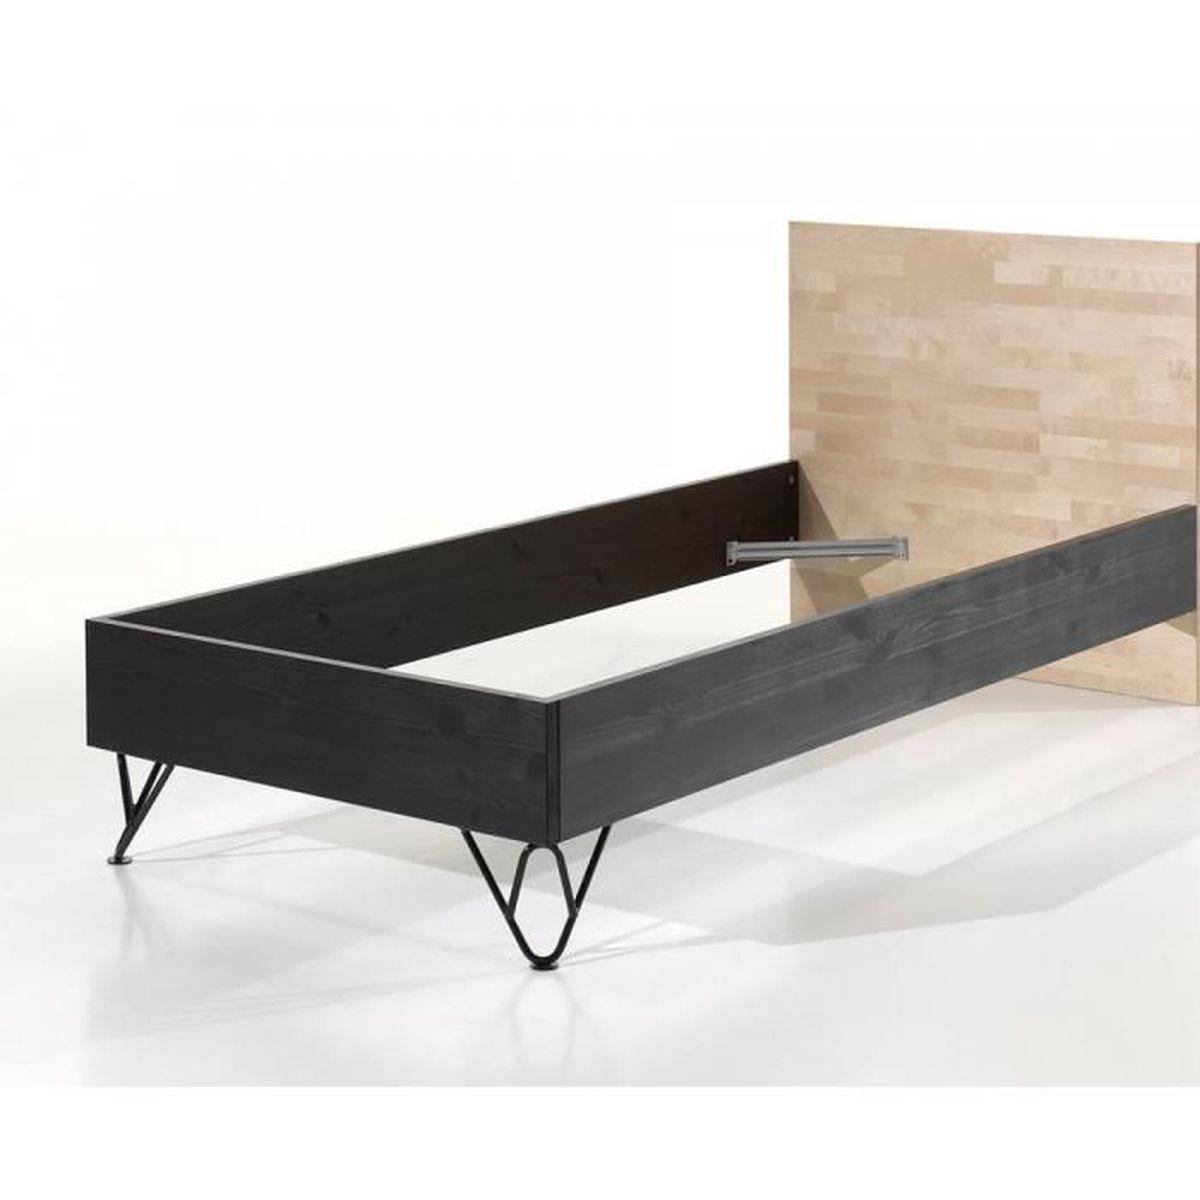 vipack lit simple en bois massif vernis et pieds m tal william 90x200 achat vente lit. Black Bedroom Furniture Sets. Home Design Ideas